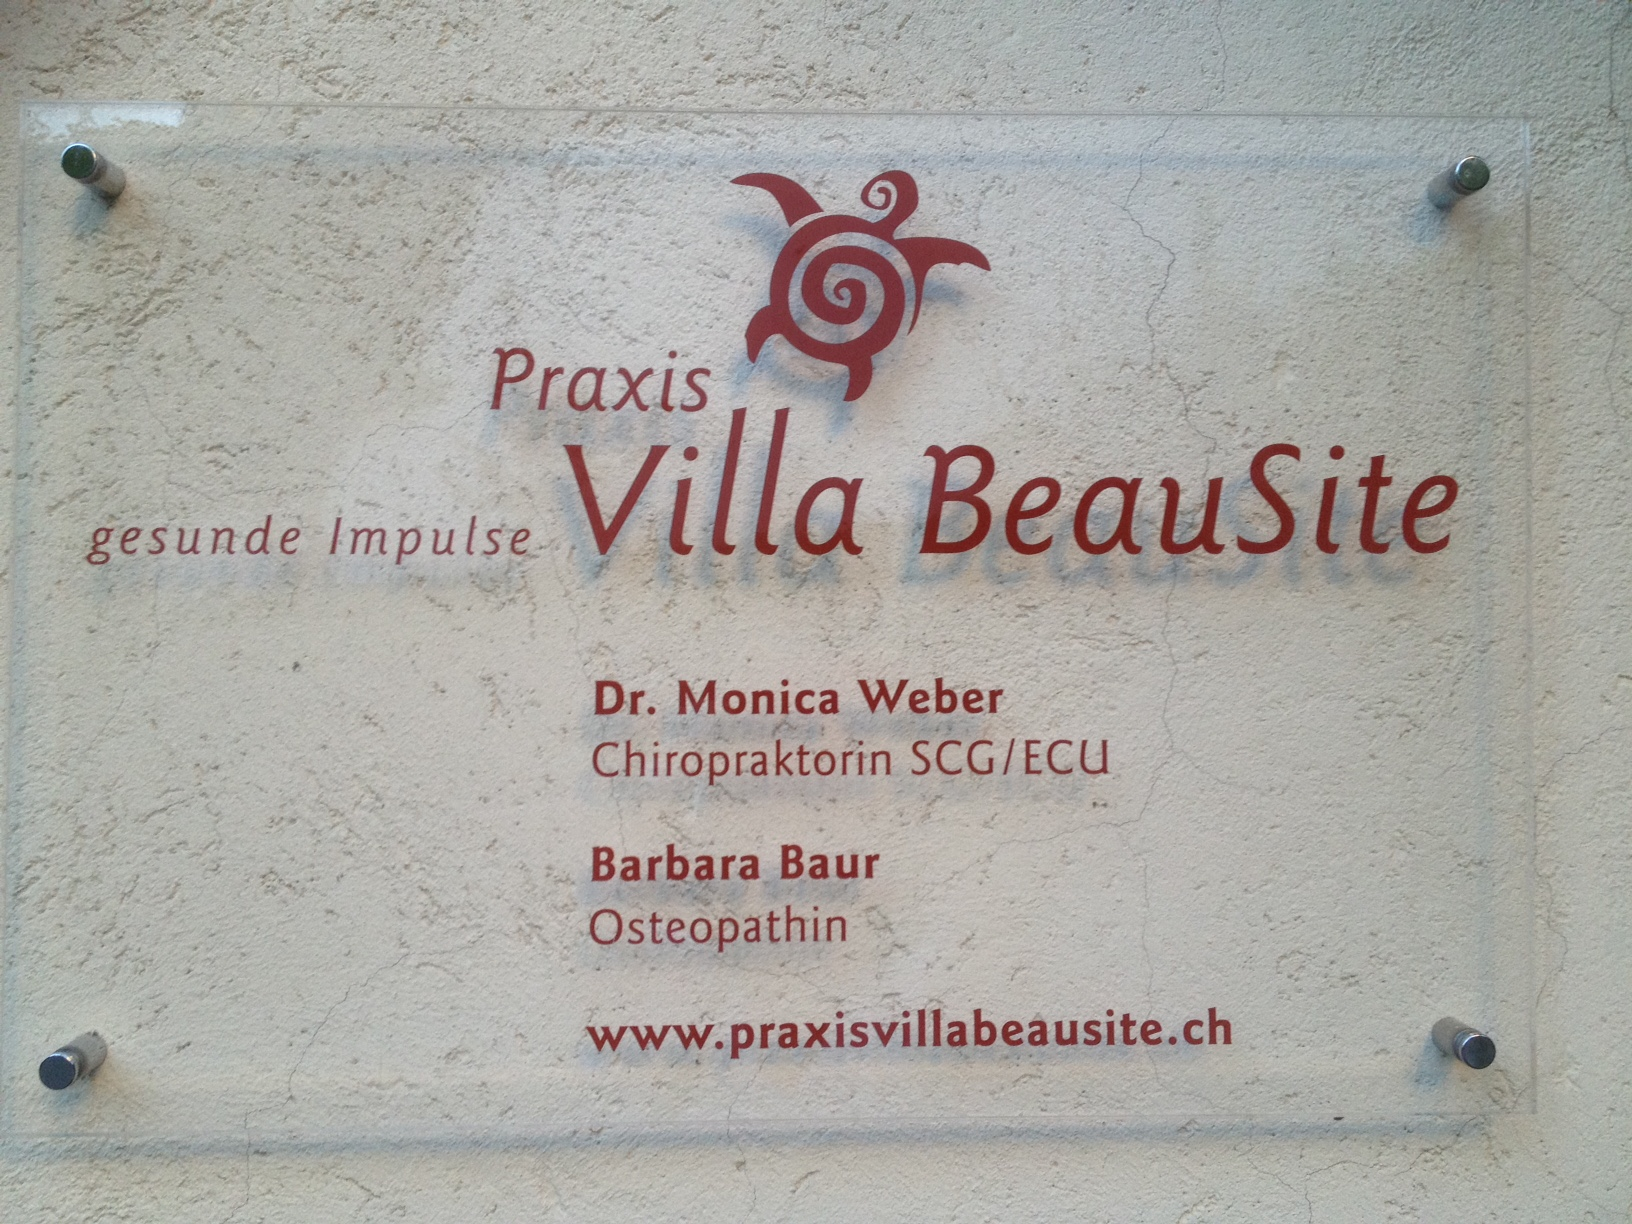 Bild Praxis Villa BeauSite